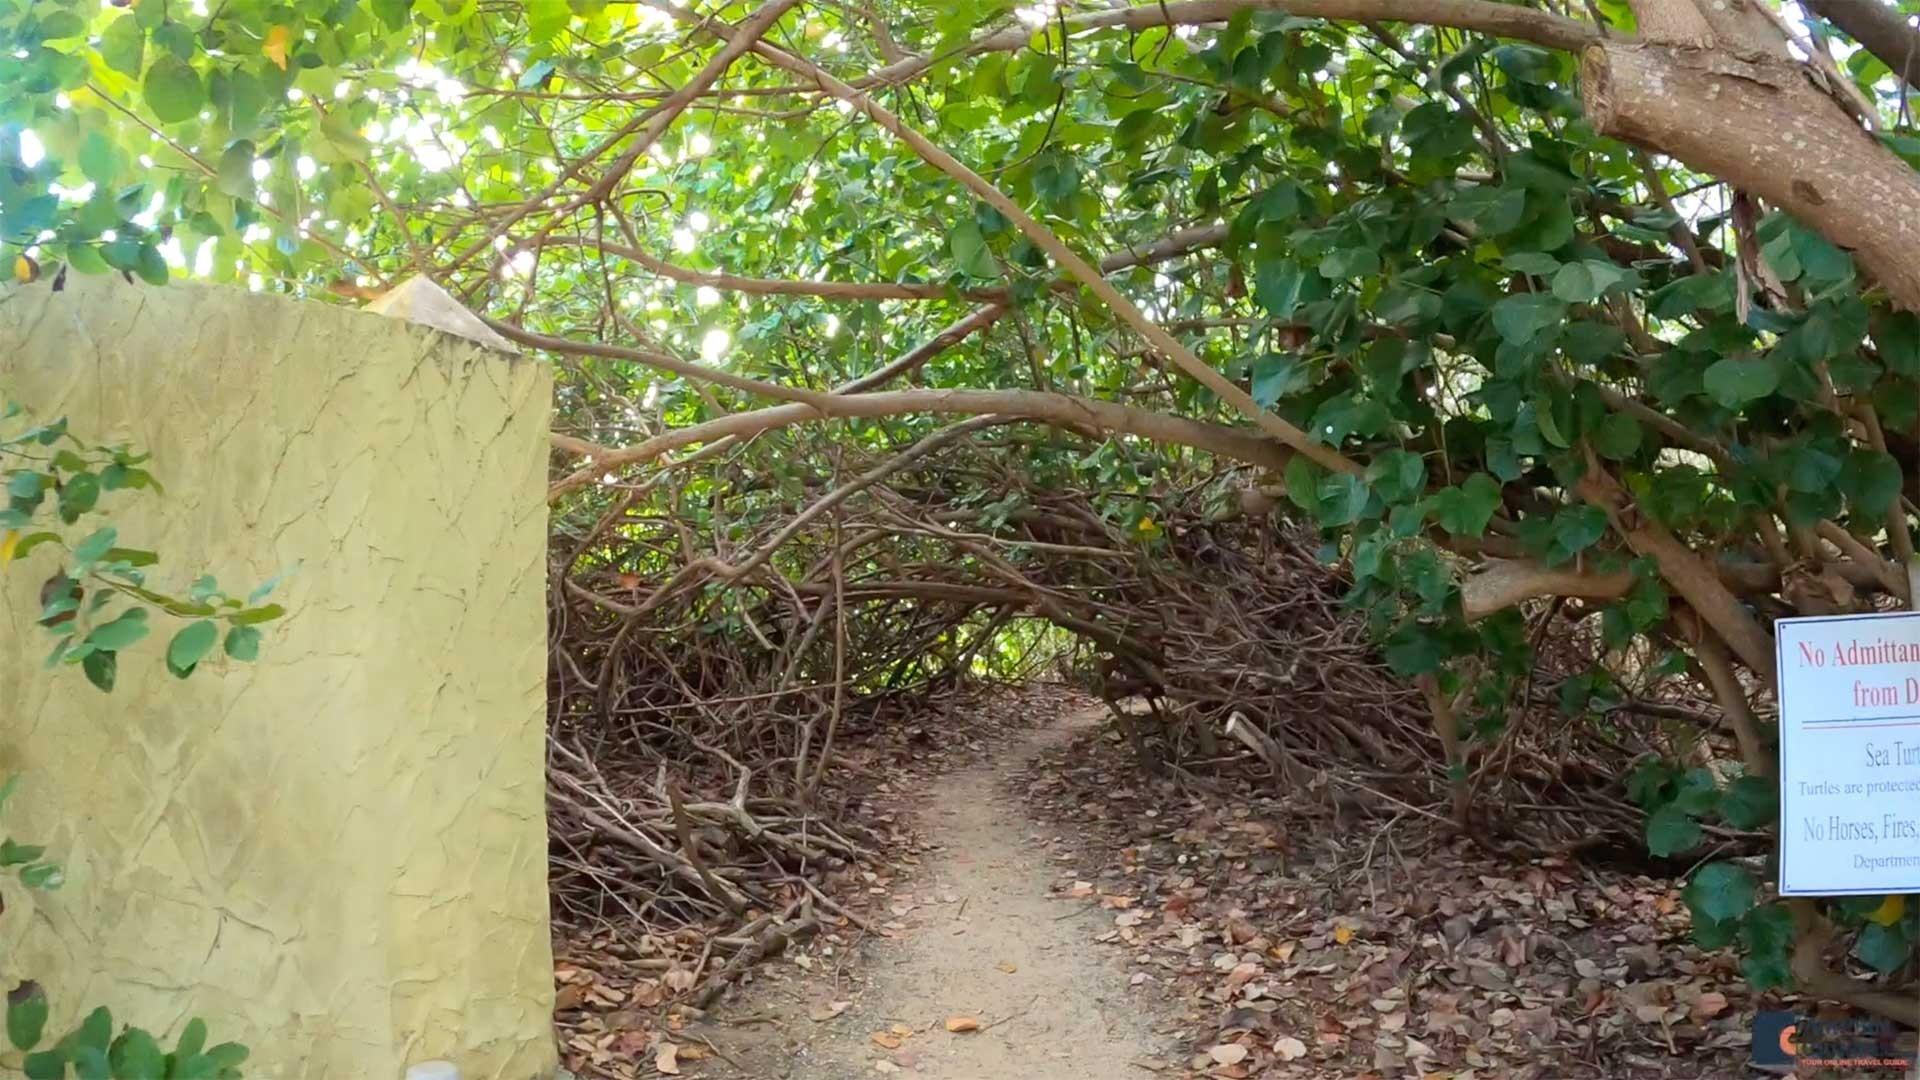 Shoys Beach Path, St. Croix